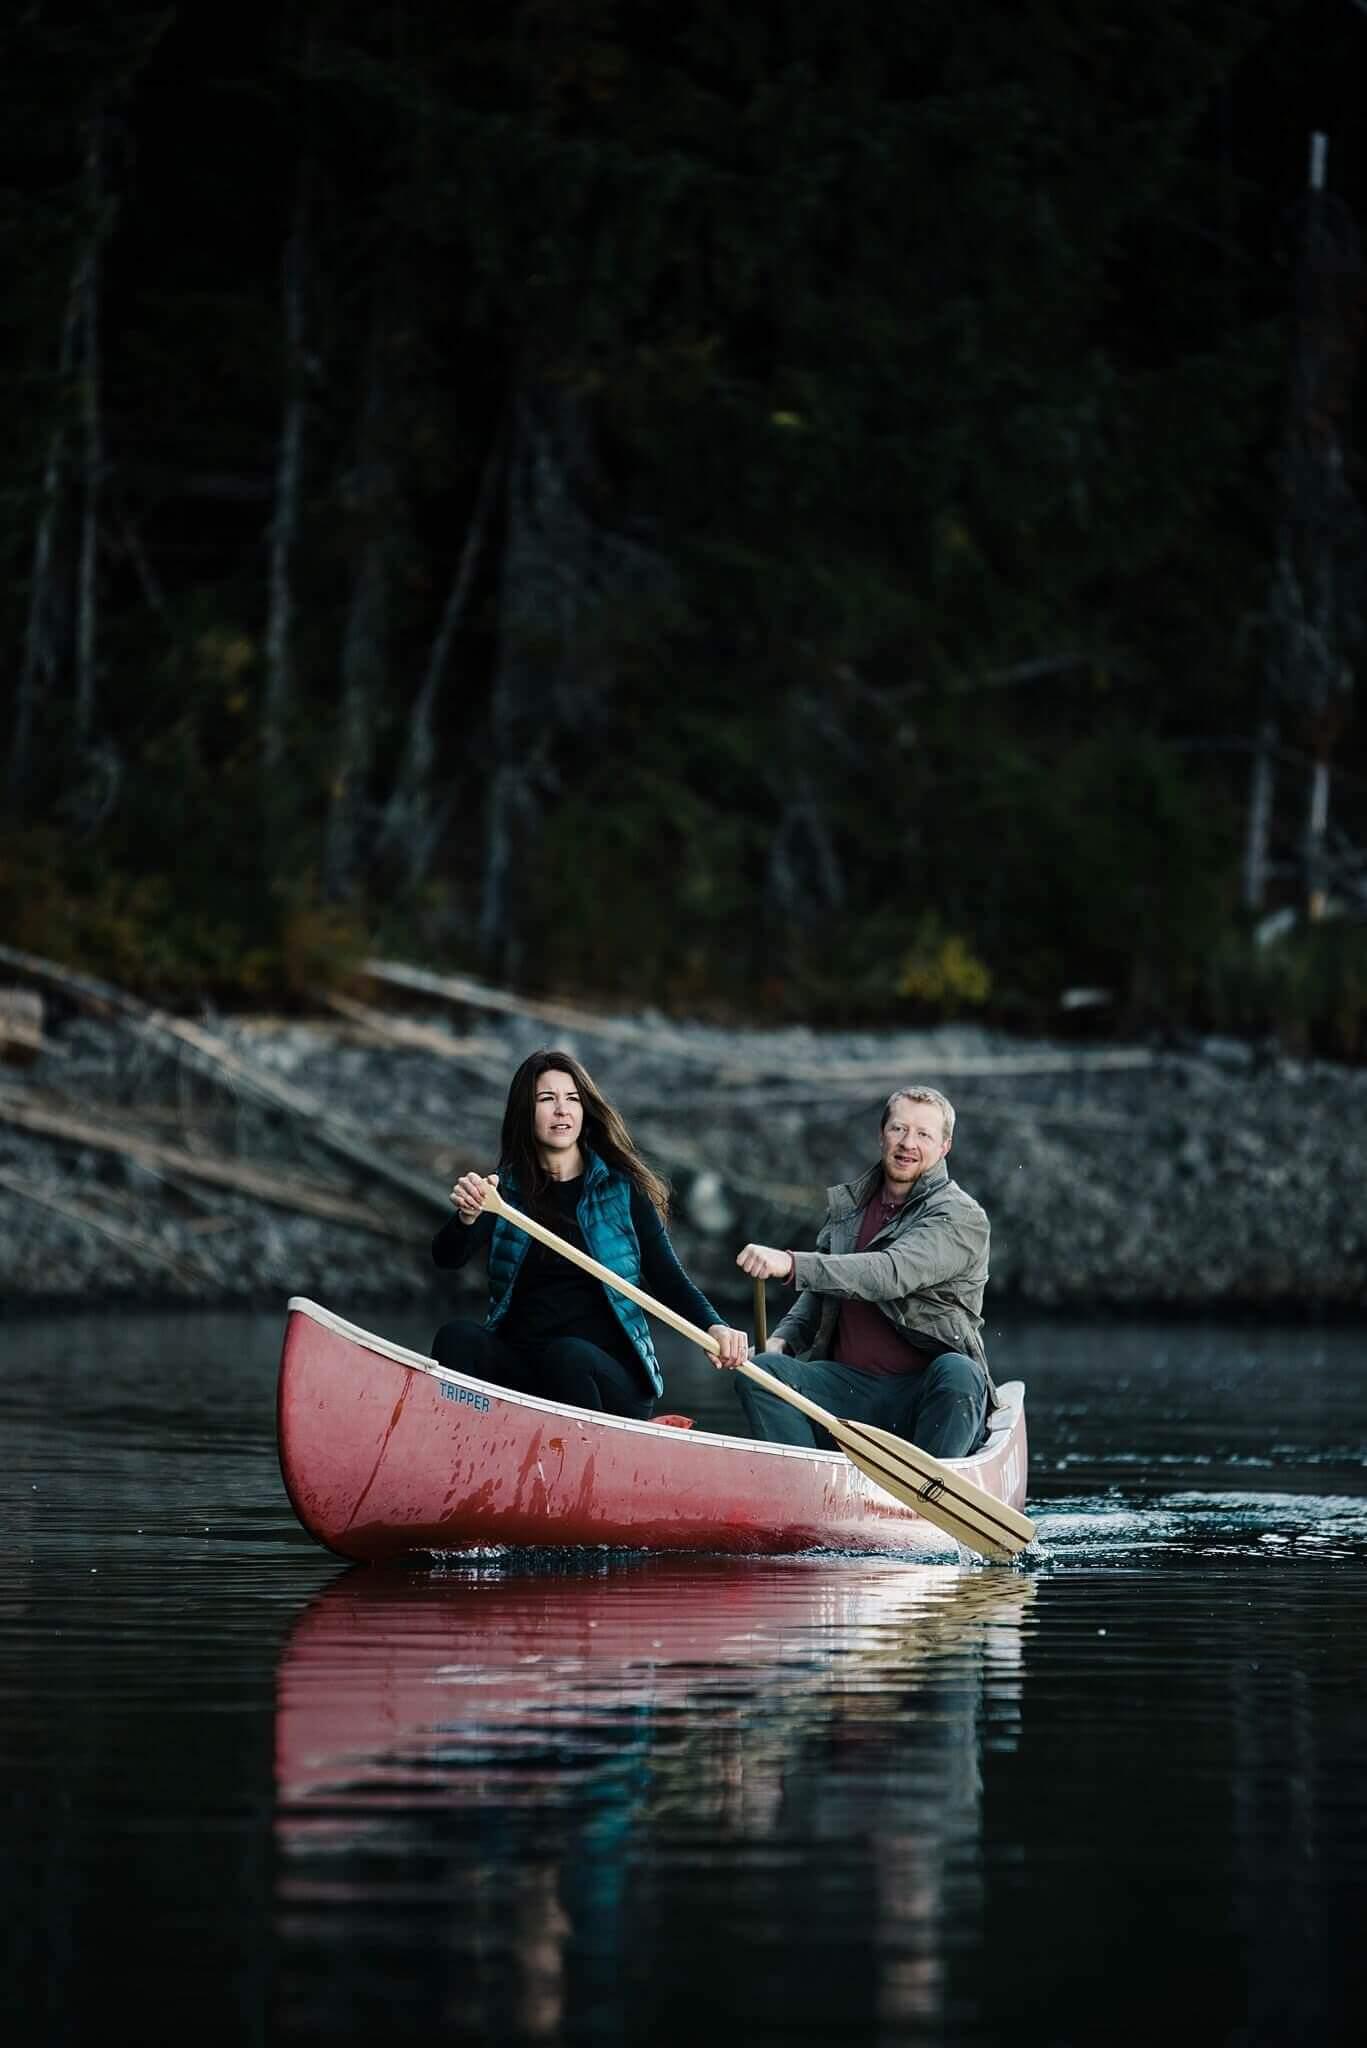 Lemolo Lake,S Photography,adventure elopements,adventure session,cascades,diamond lake,elope,elopement,engagement session,oregon,pacific northwest,thielsen,washington,